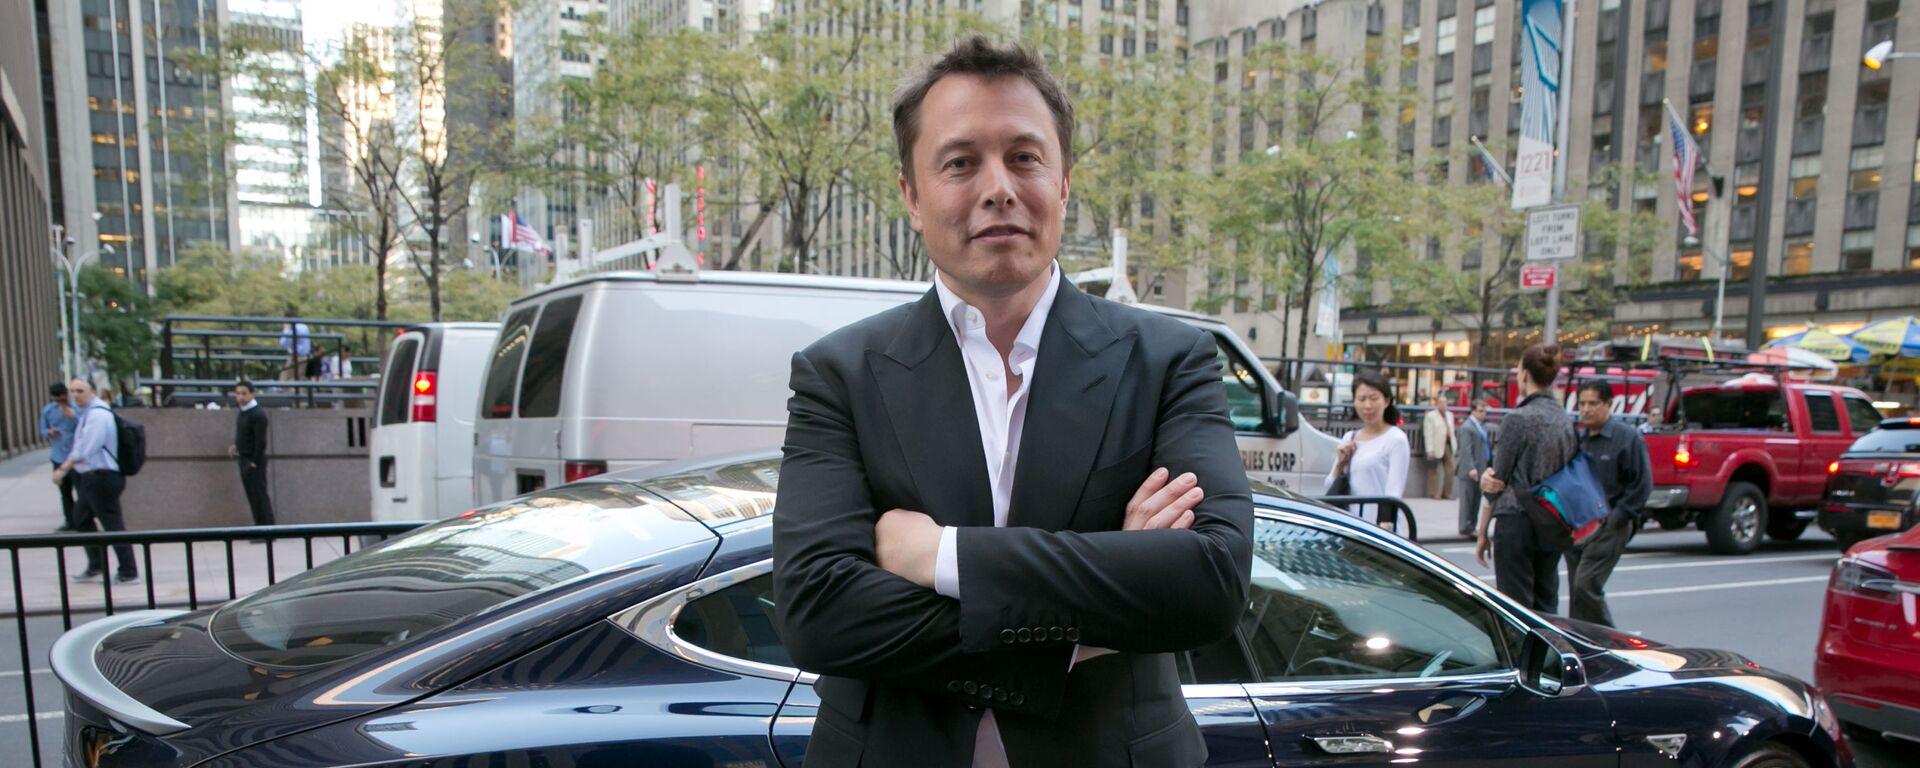 Zakladatel společností Tesla a SpaceX Elon Musk - Sputnik Česká republika, 1920, 28.06.2021